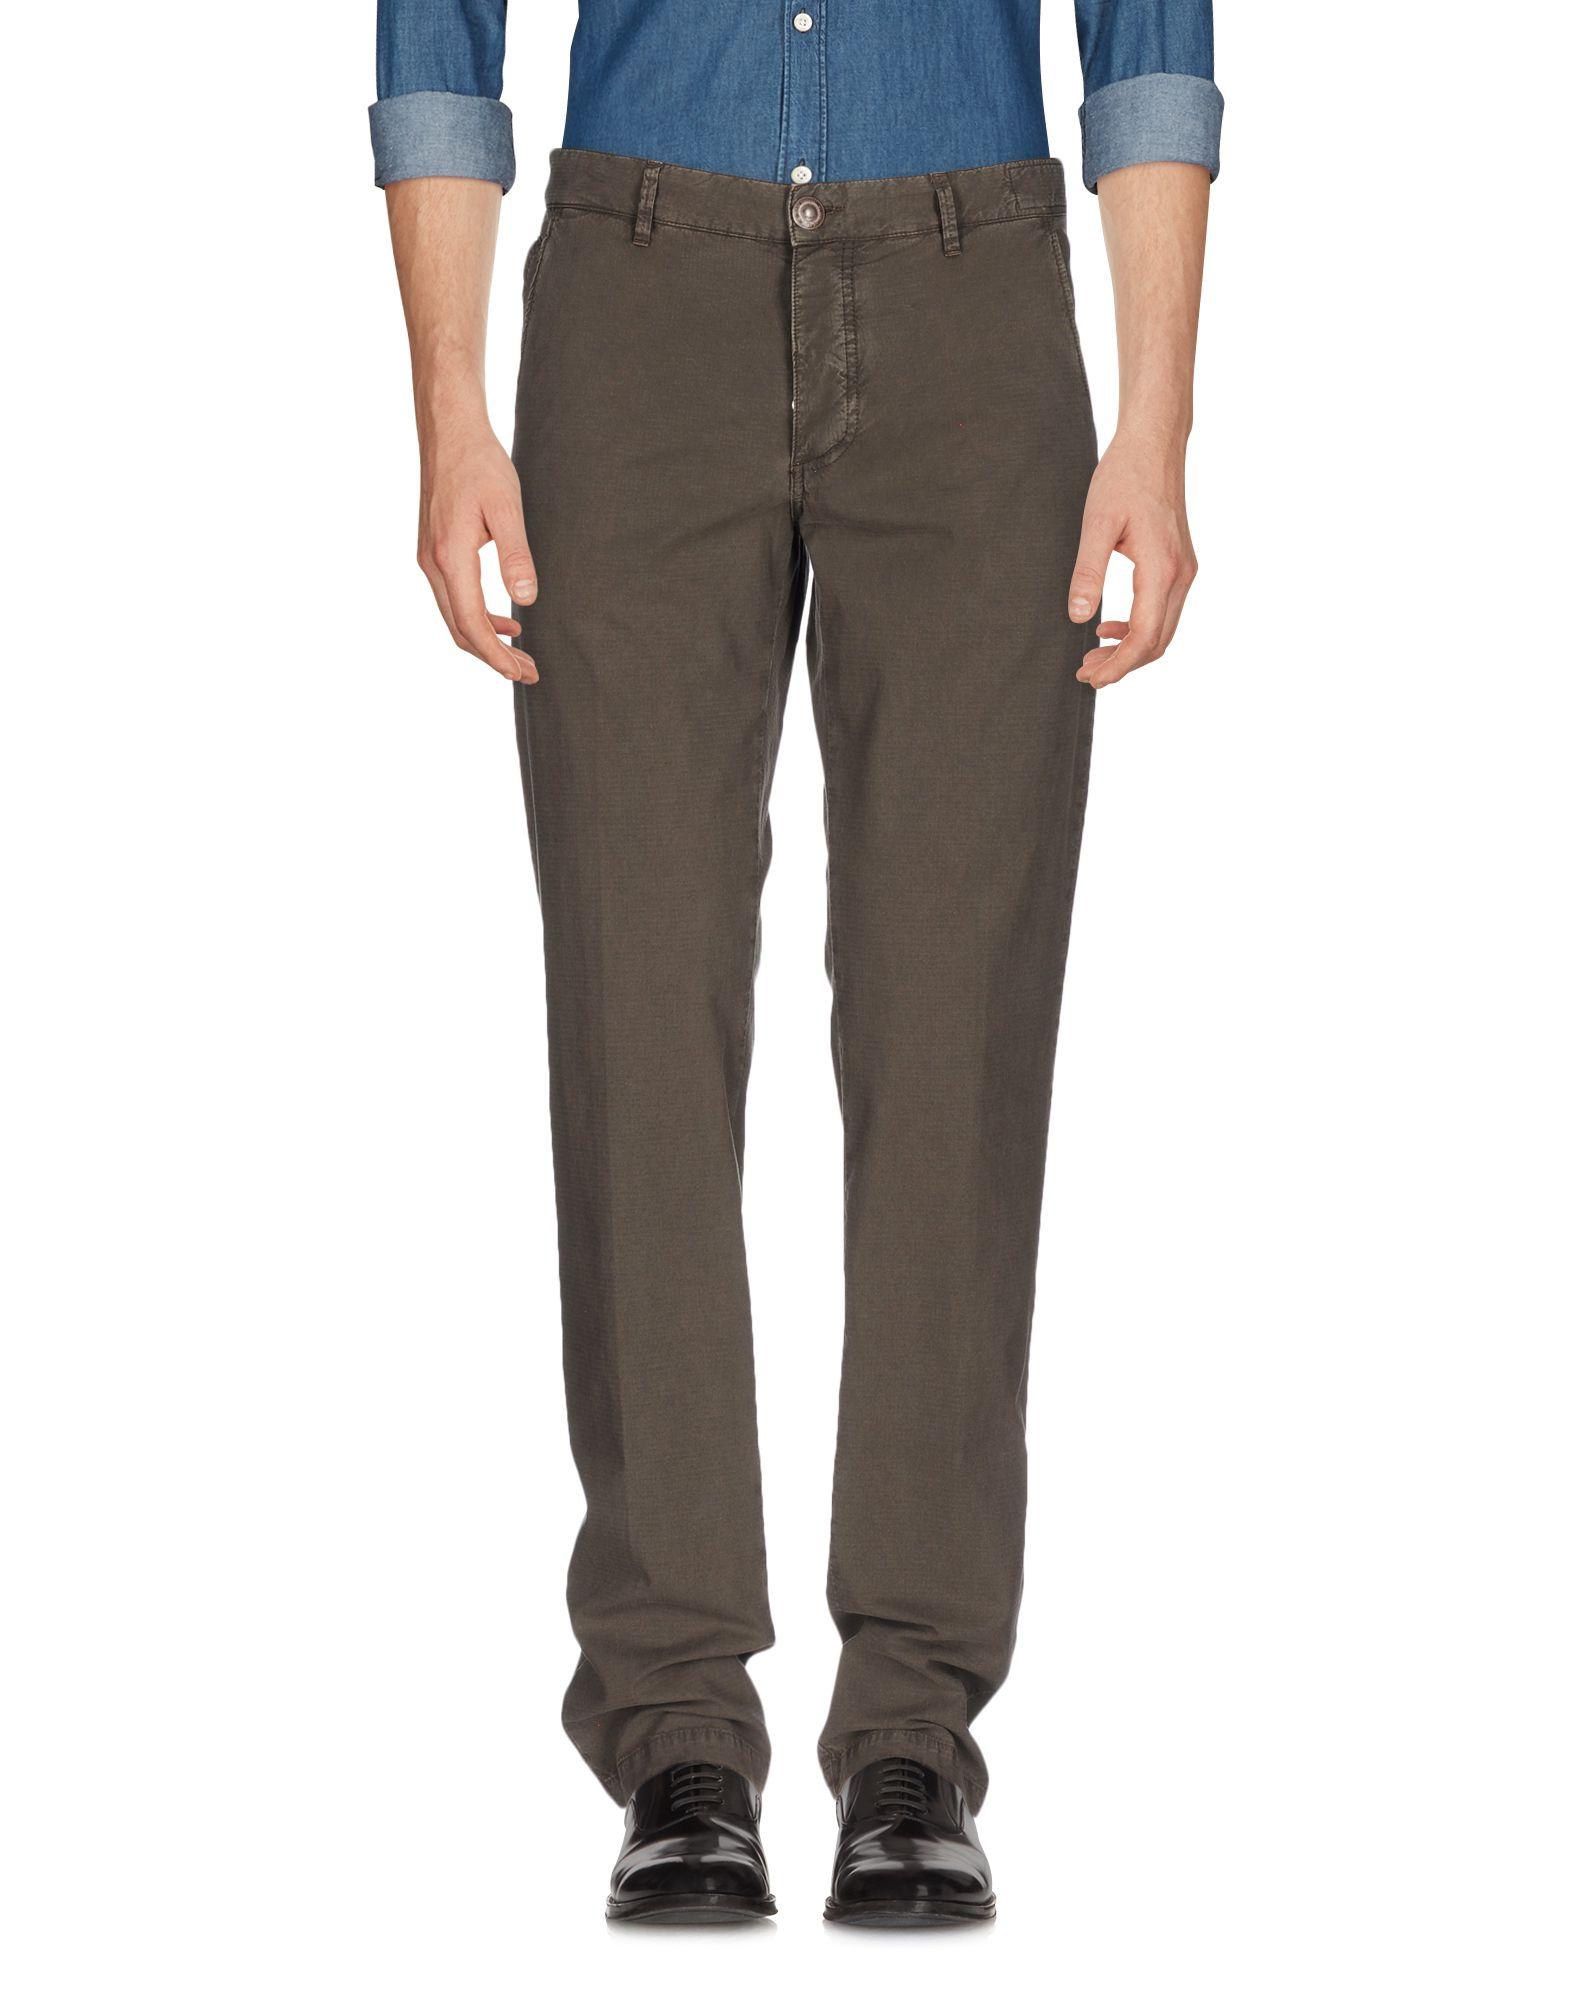 《送料無料》BARBA Napoli メンズ パンツ 鉛色 56 ウール 100%